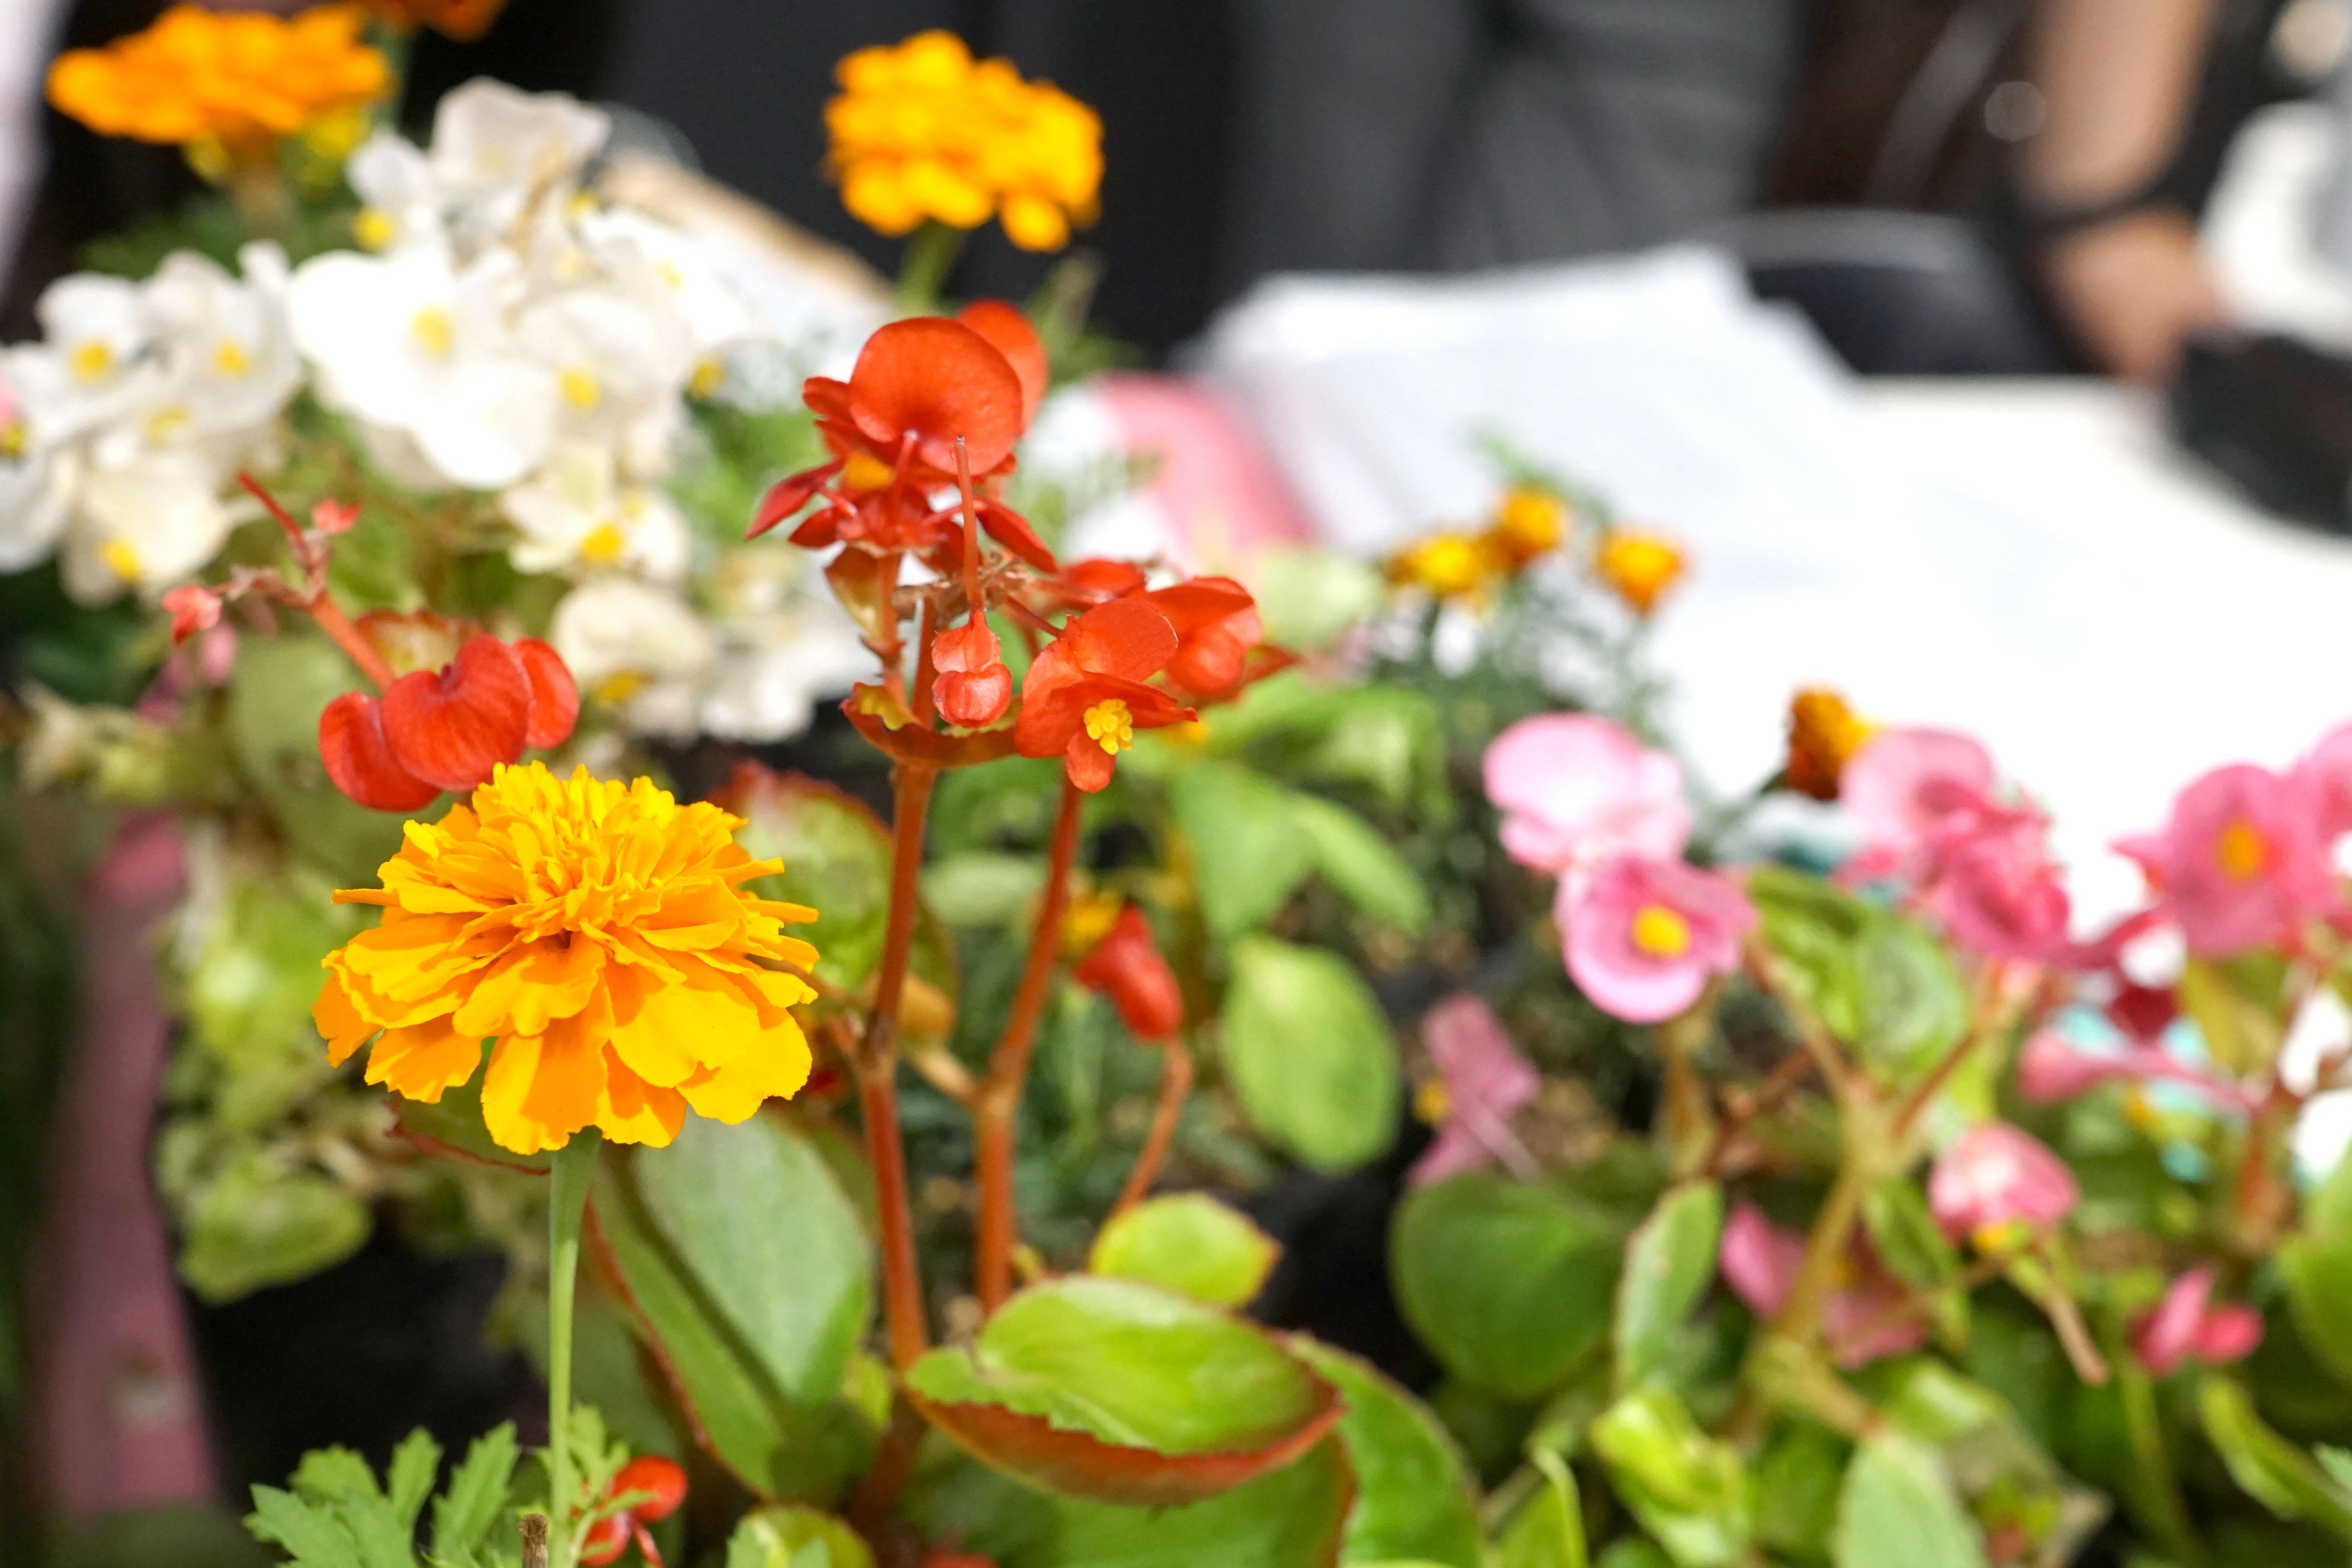 殺処分された犬猫の骨を土に還し花を咲かせる。青森の高校生が取り組む「命の花プロジェクト」